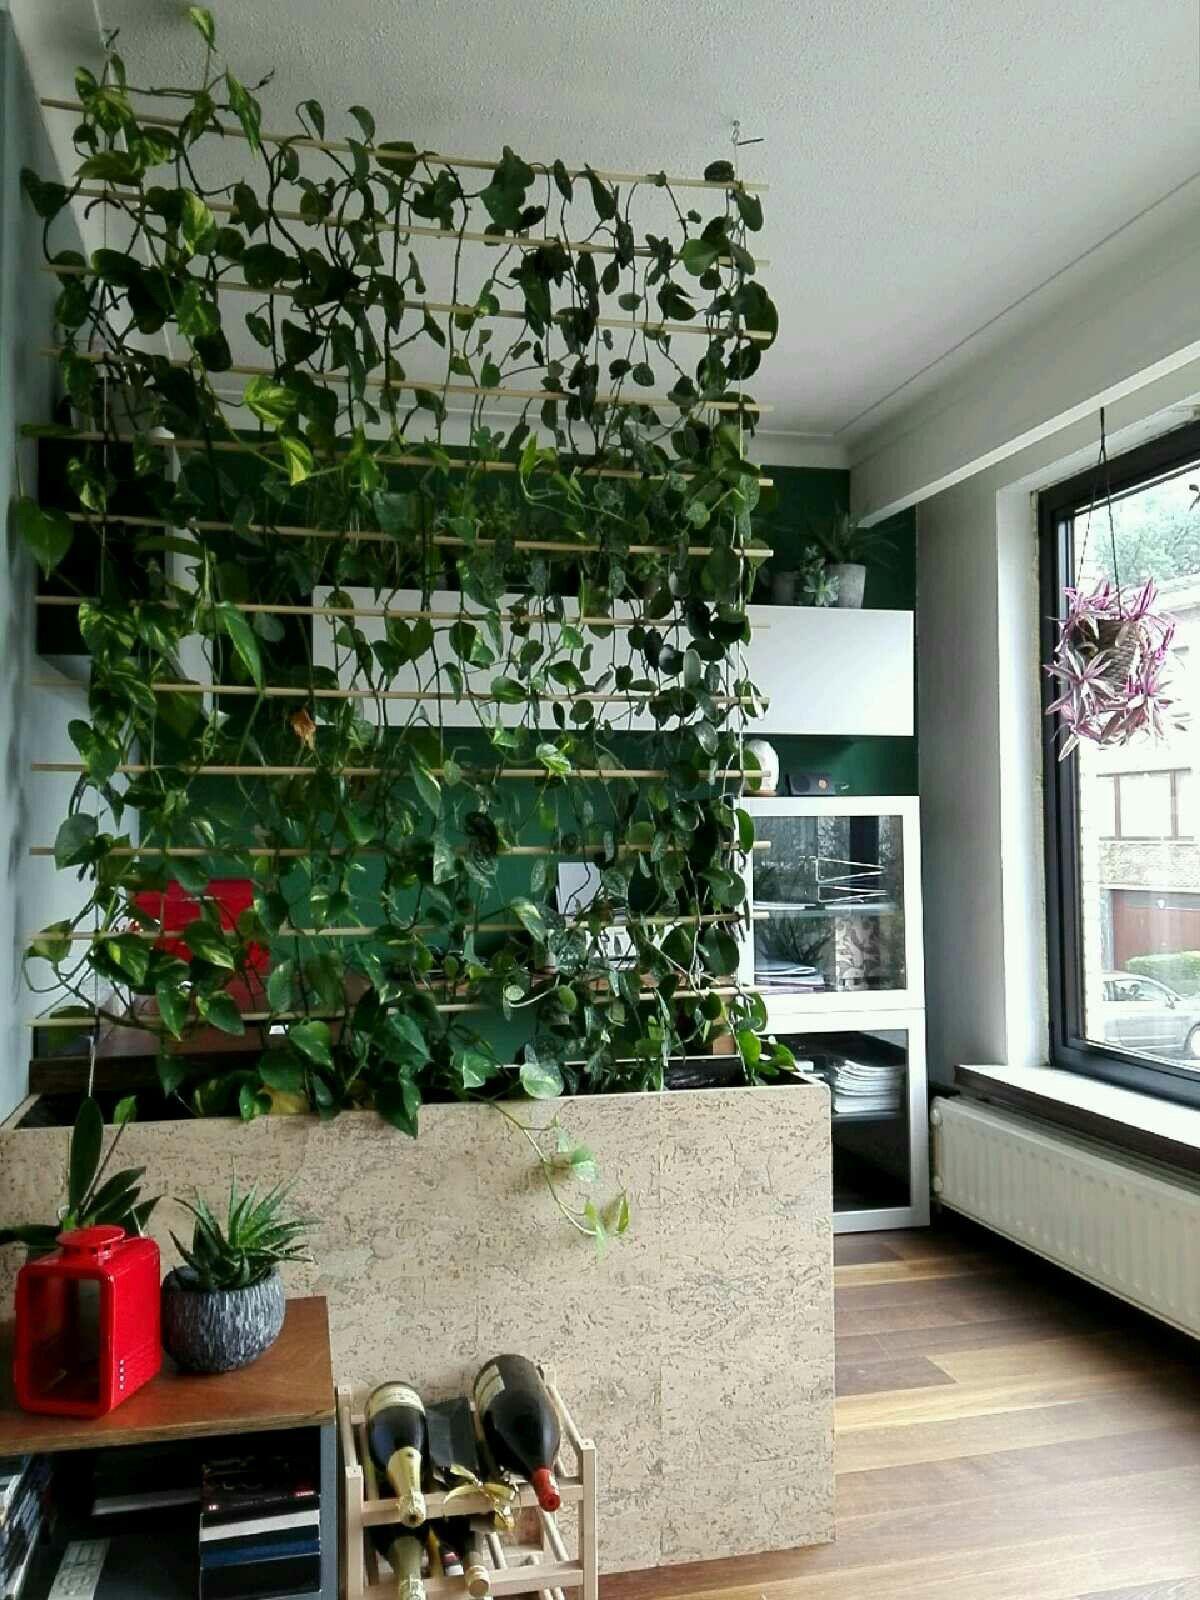 Made A Room Divider With My Plants Quartos De Plantas Divisorias De Quarto Plantas Indoor My trellis room divider